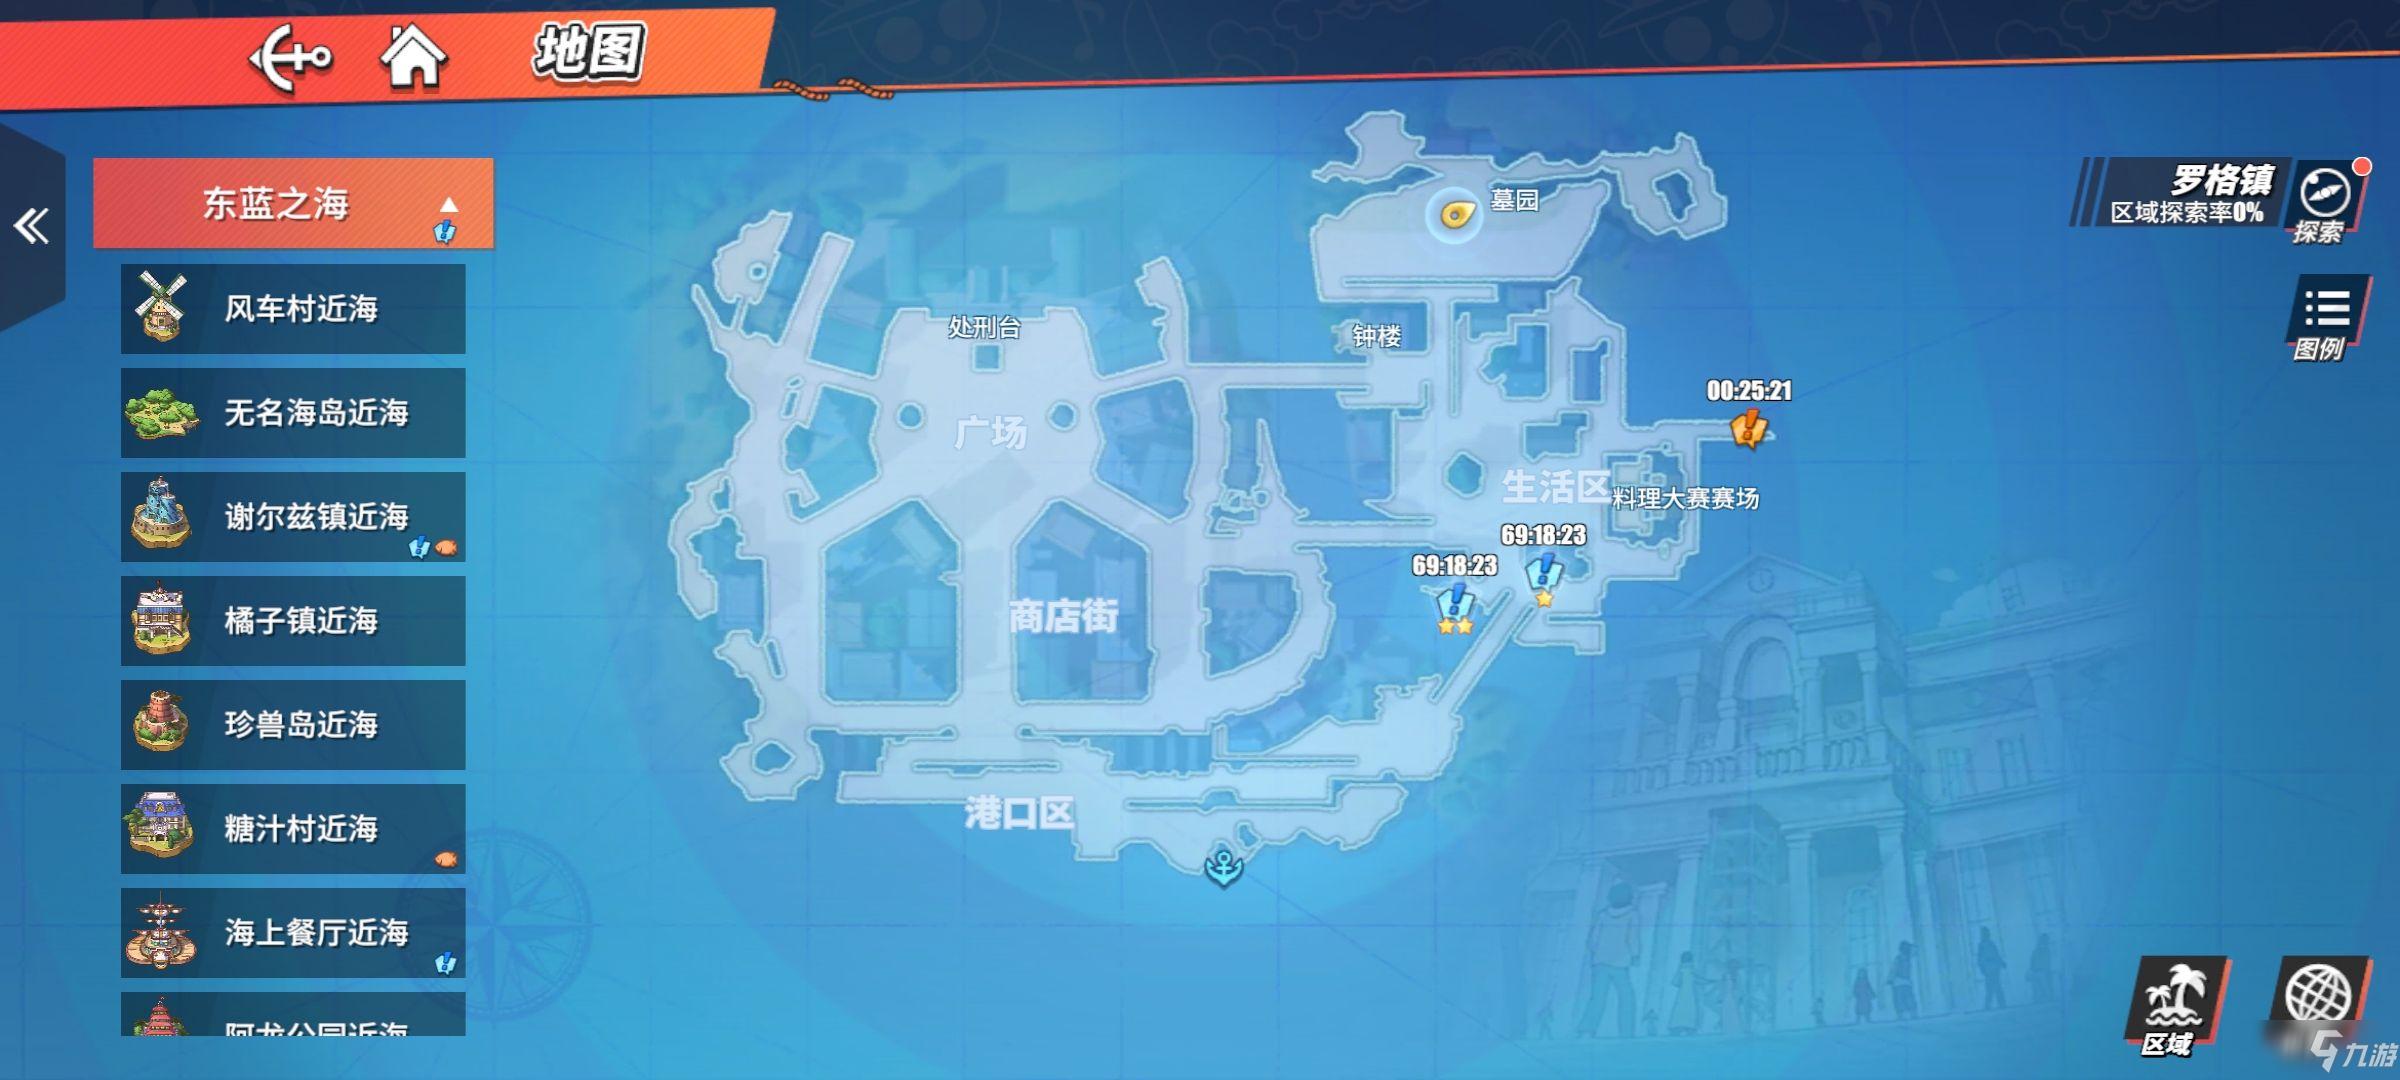 航海王热血航线藏宝图位置在哪?全部藏宝图位置坐标大全